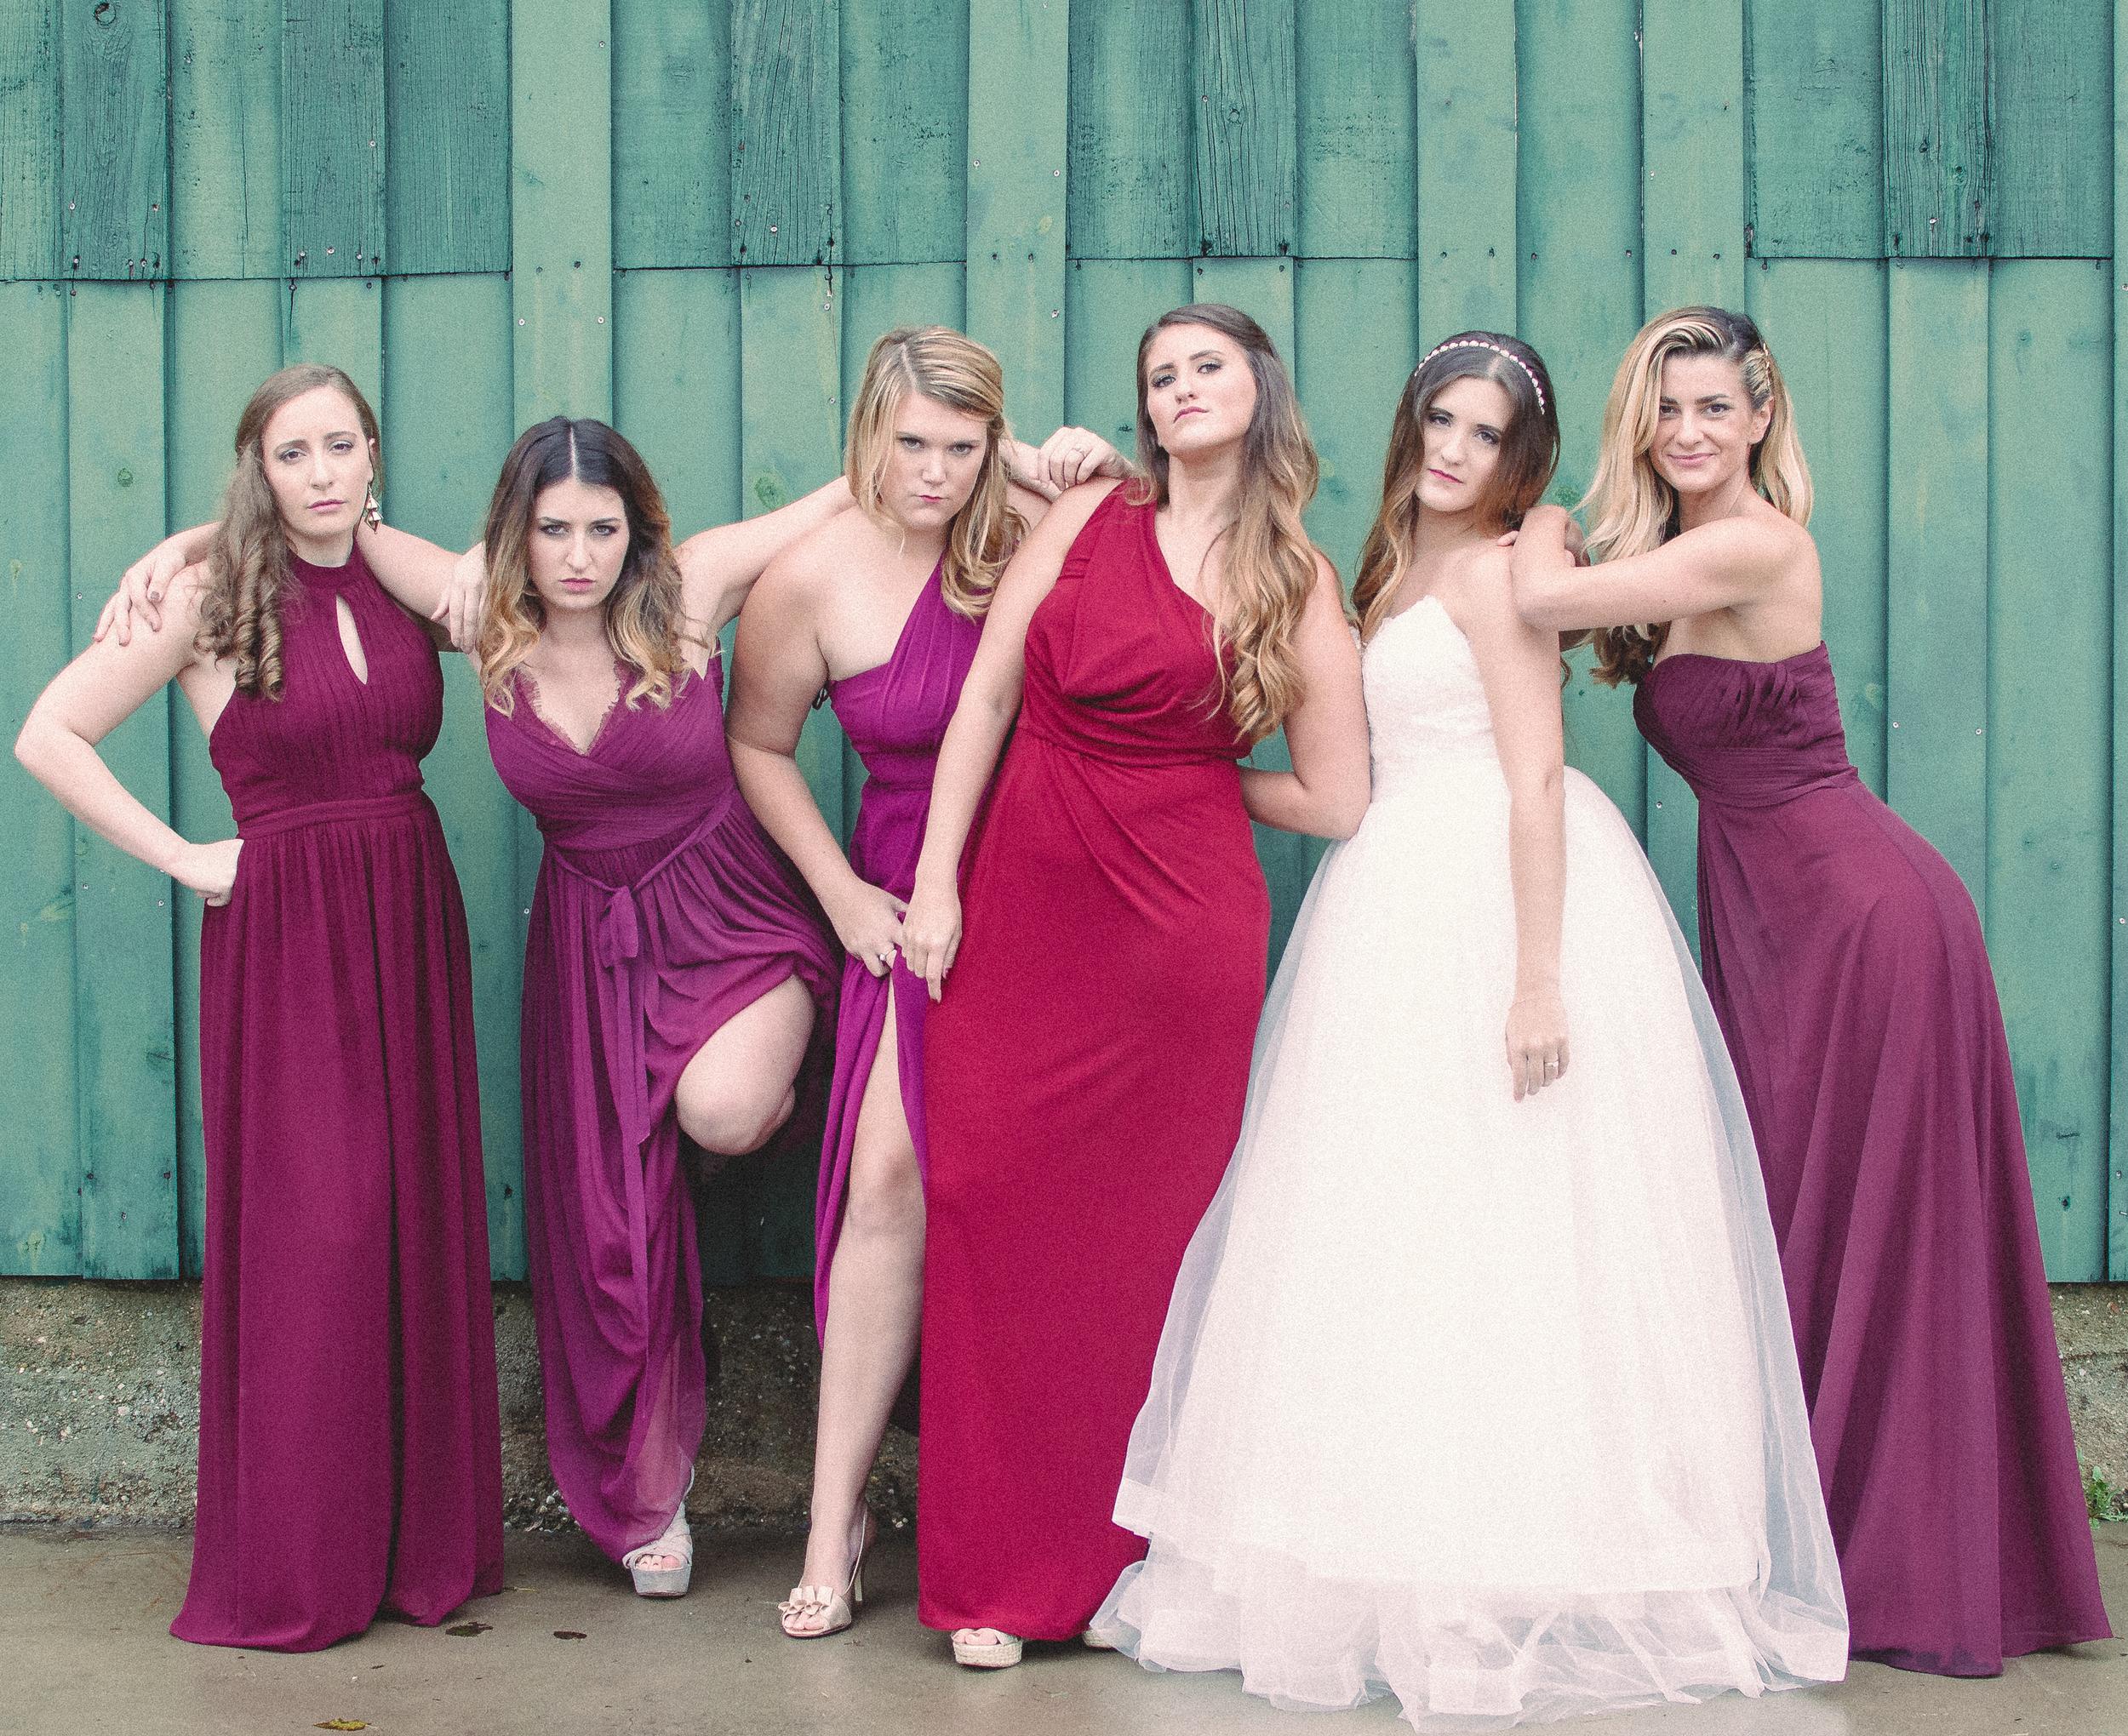 The Glasgow Farm Wedding bridesmaids Photo